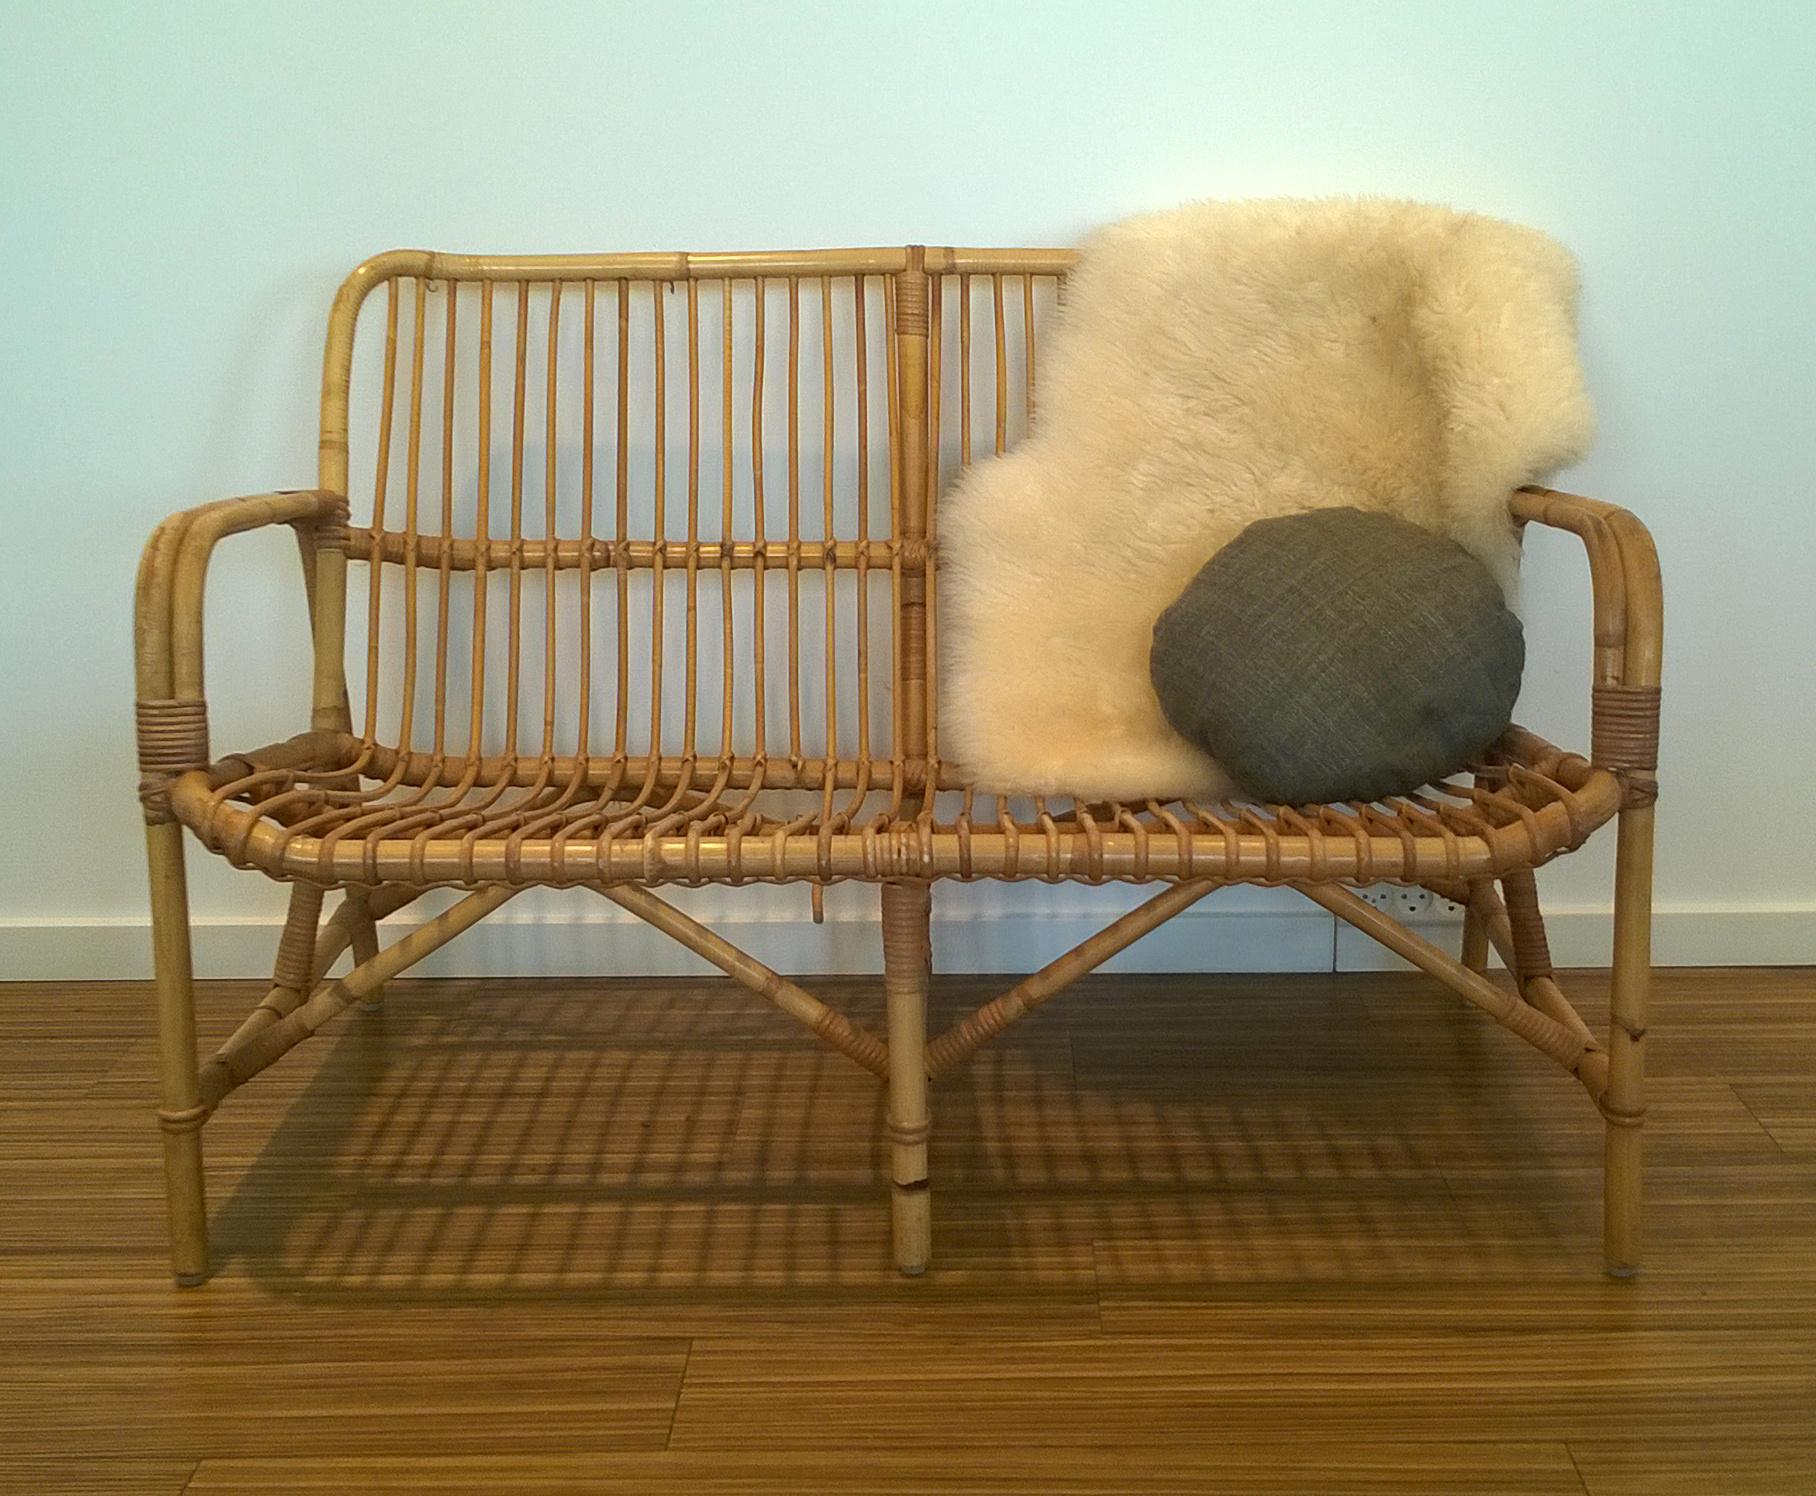 bambus møbler Kurve  og Bambusmøbler   Dekohjem   Borde, Bladholdere mm. bambus møbler